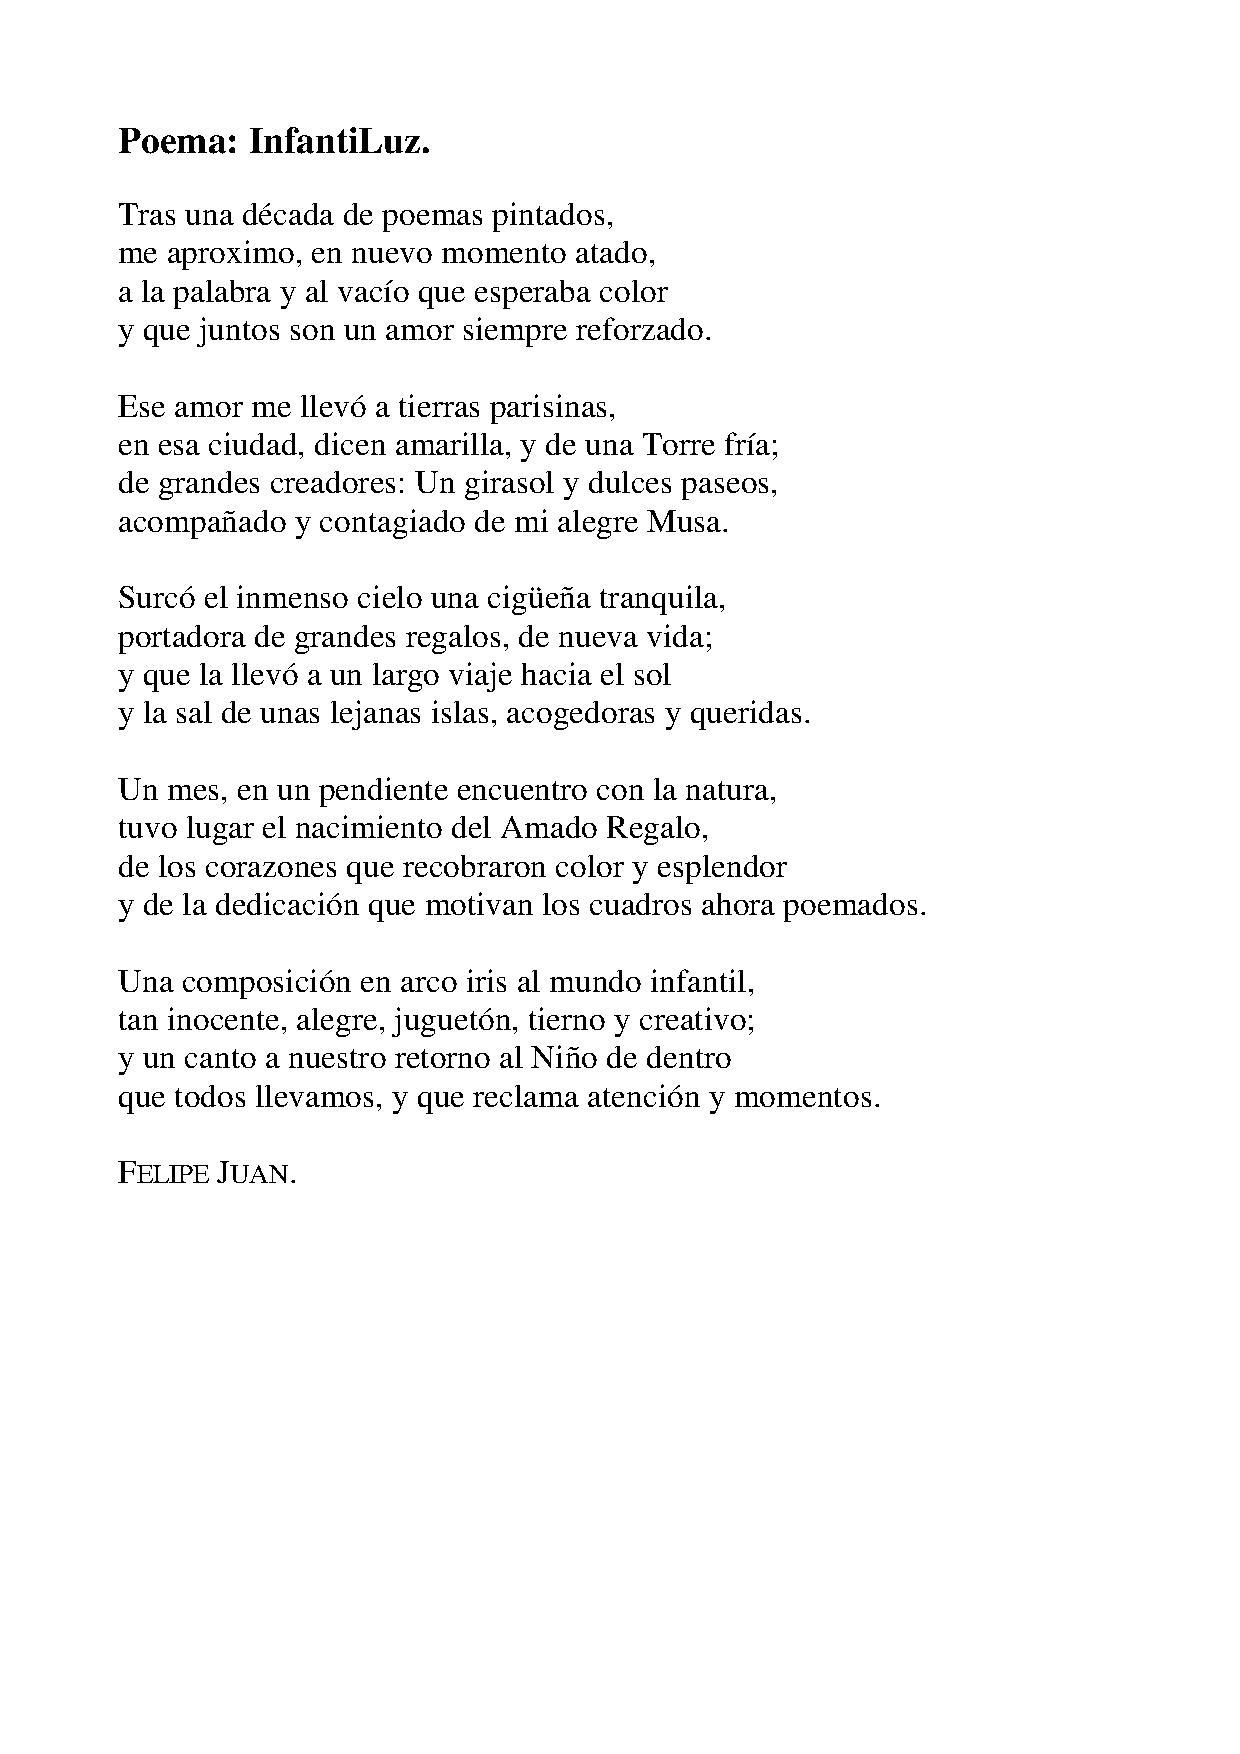 8 Exposicion InfantiLuz _Poemas y Escritos_.jpg